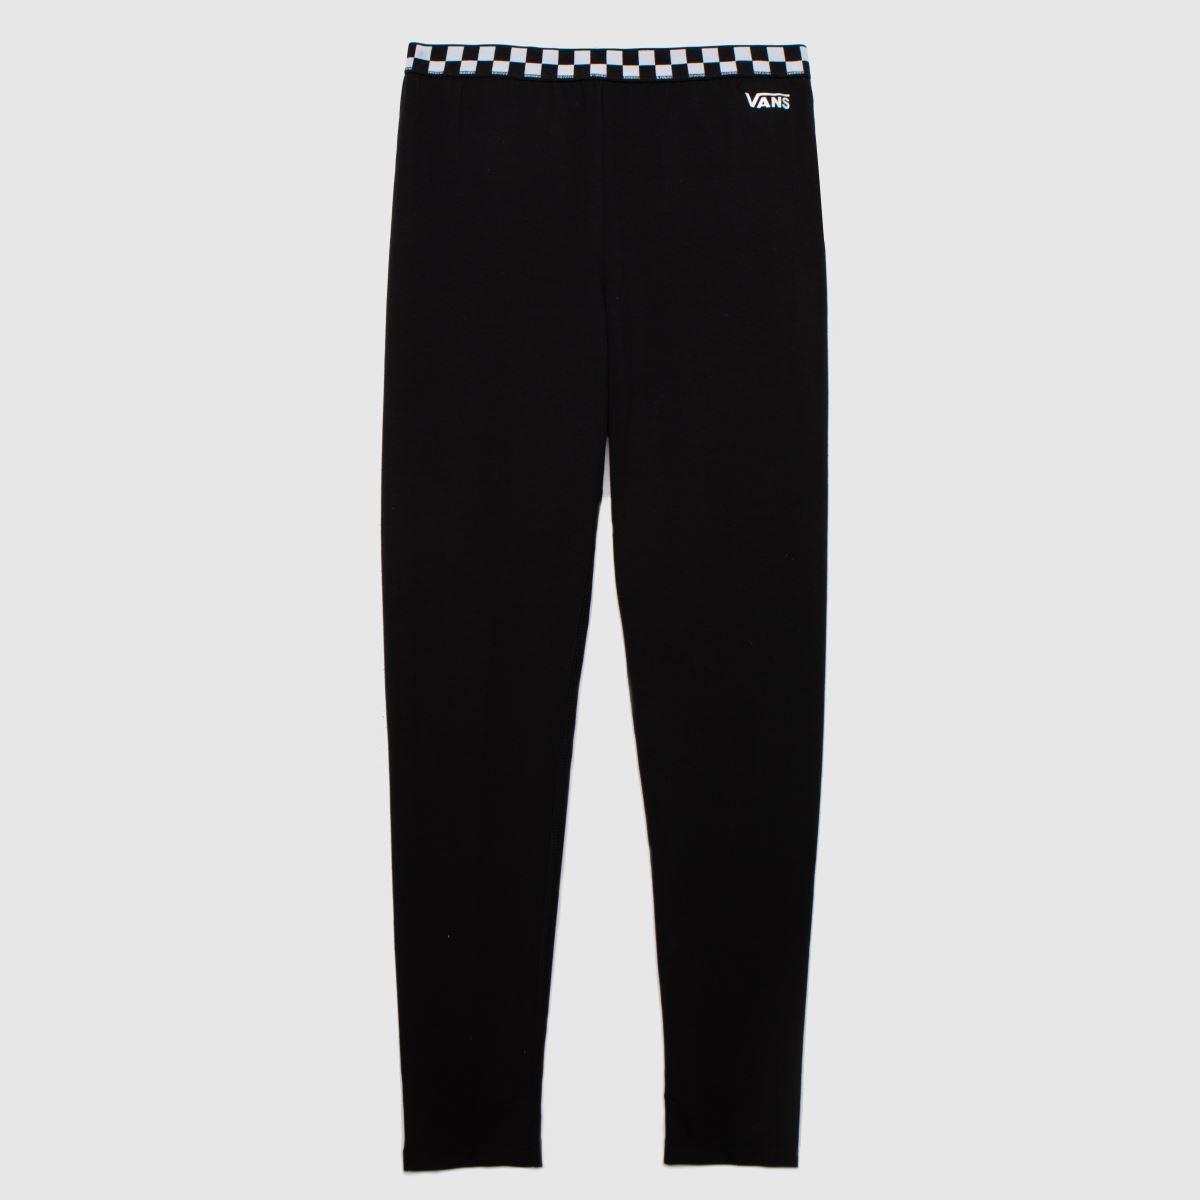 Vans Black & White Bladez Check Legging